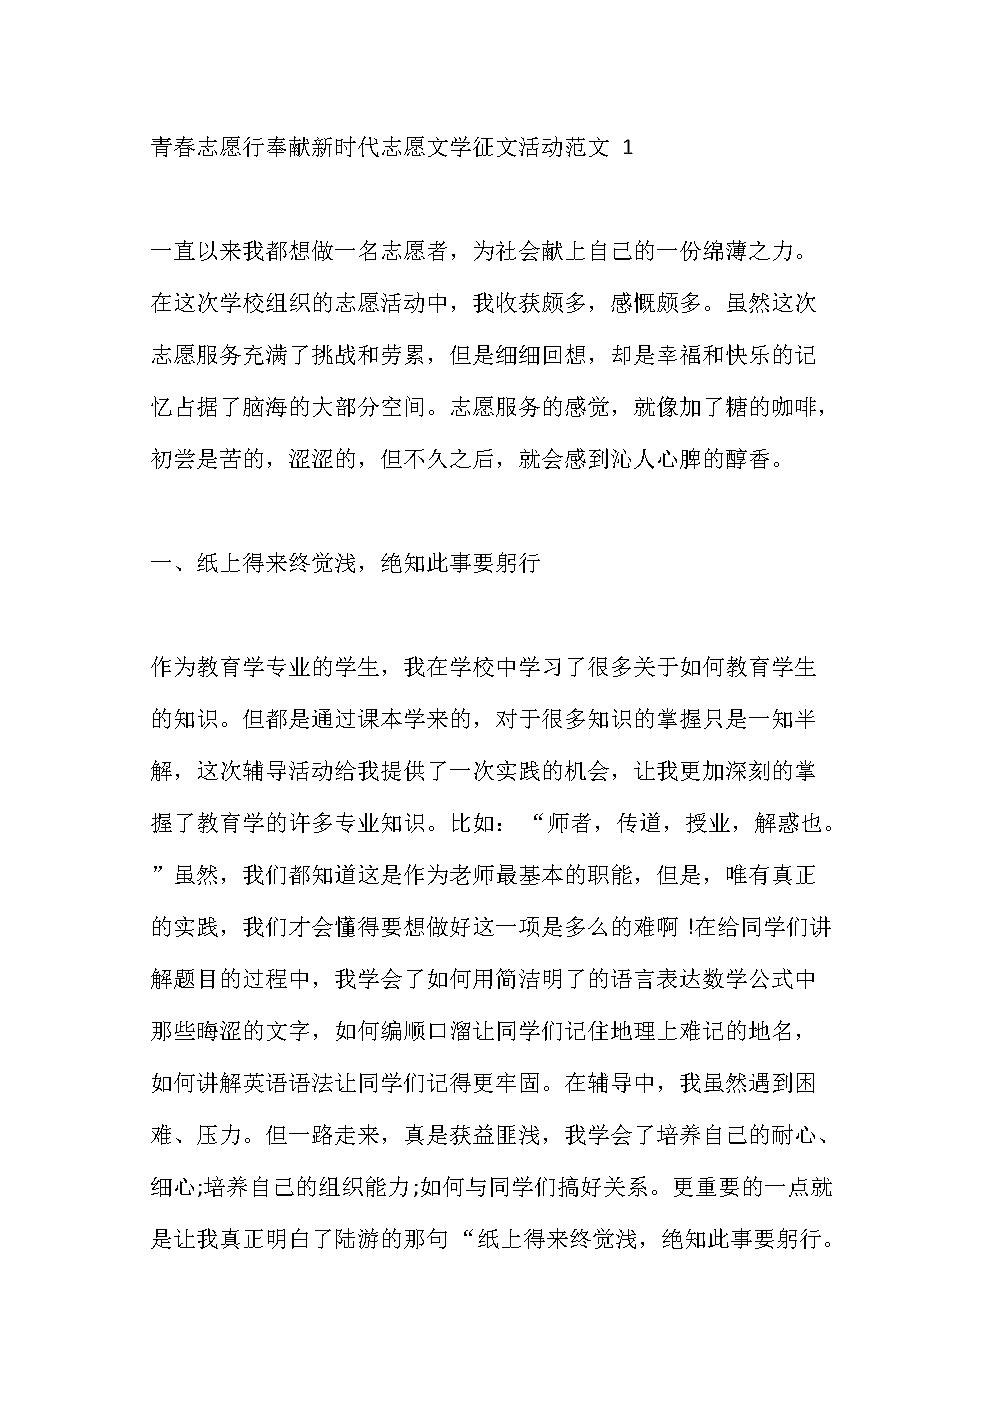 """青春志愿行奉献新时代""""志愿文学""""征文活动范文5篇.doc"""